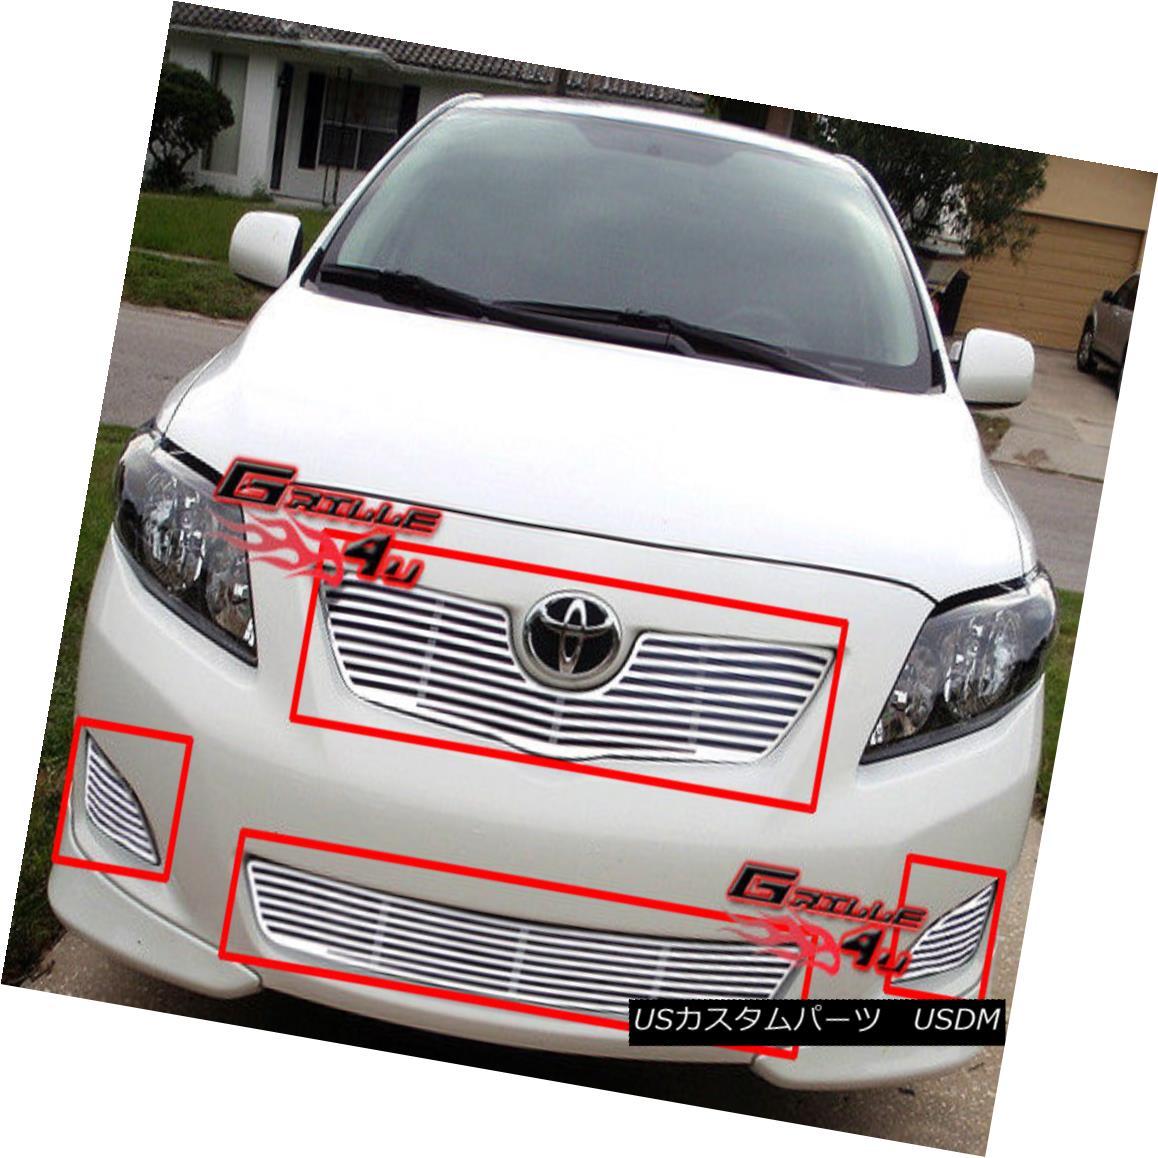 グリル For 09-10 Toyota Corolla Perimeter Grille Insert 09-10 Toyota Corollaペリメーターグリルインサート